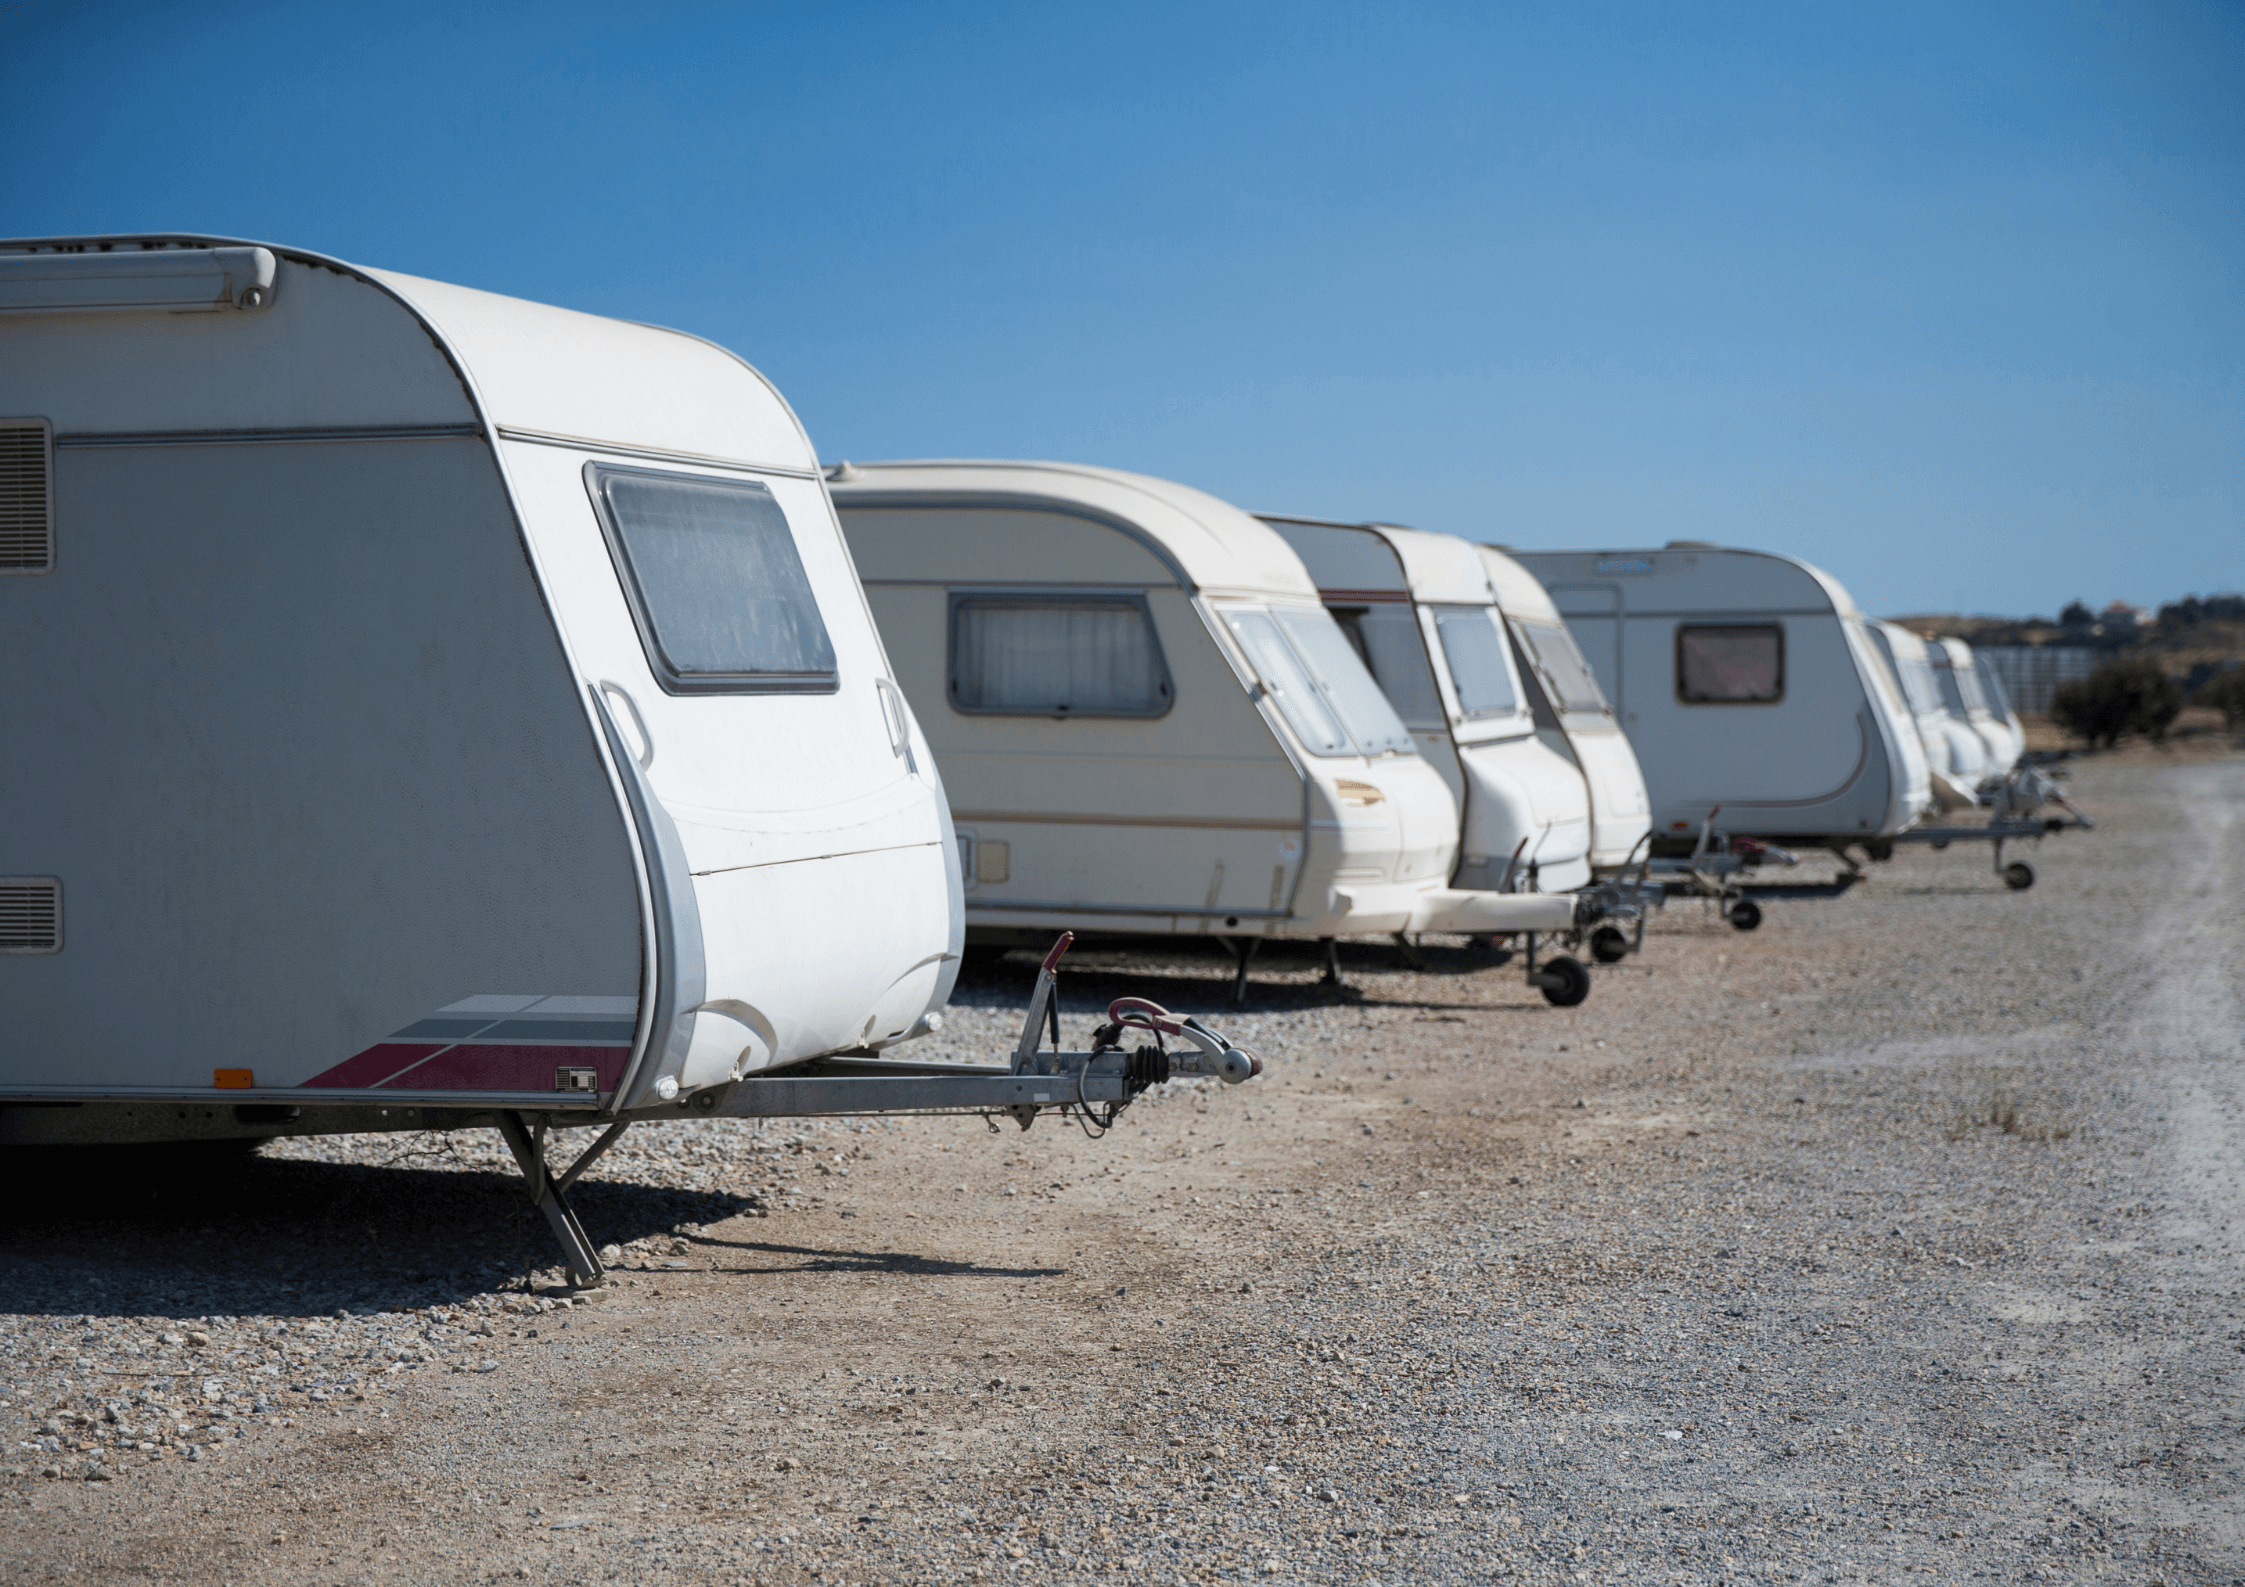 Tweedehands Caravans Kopen